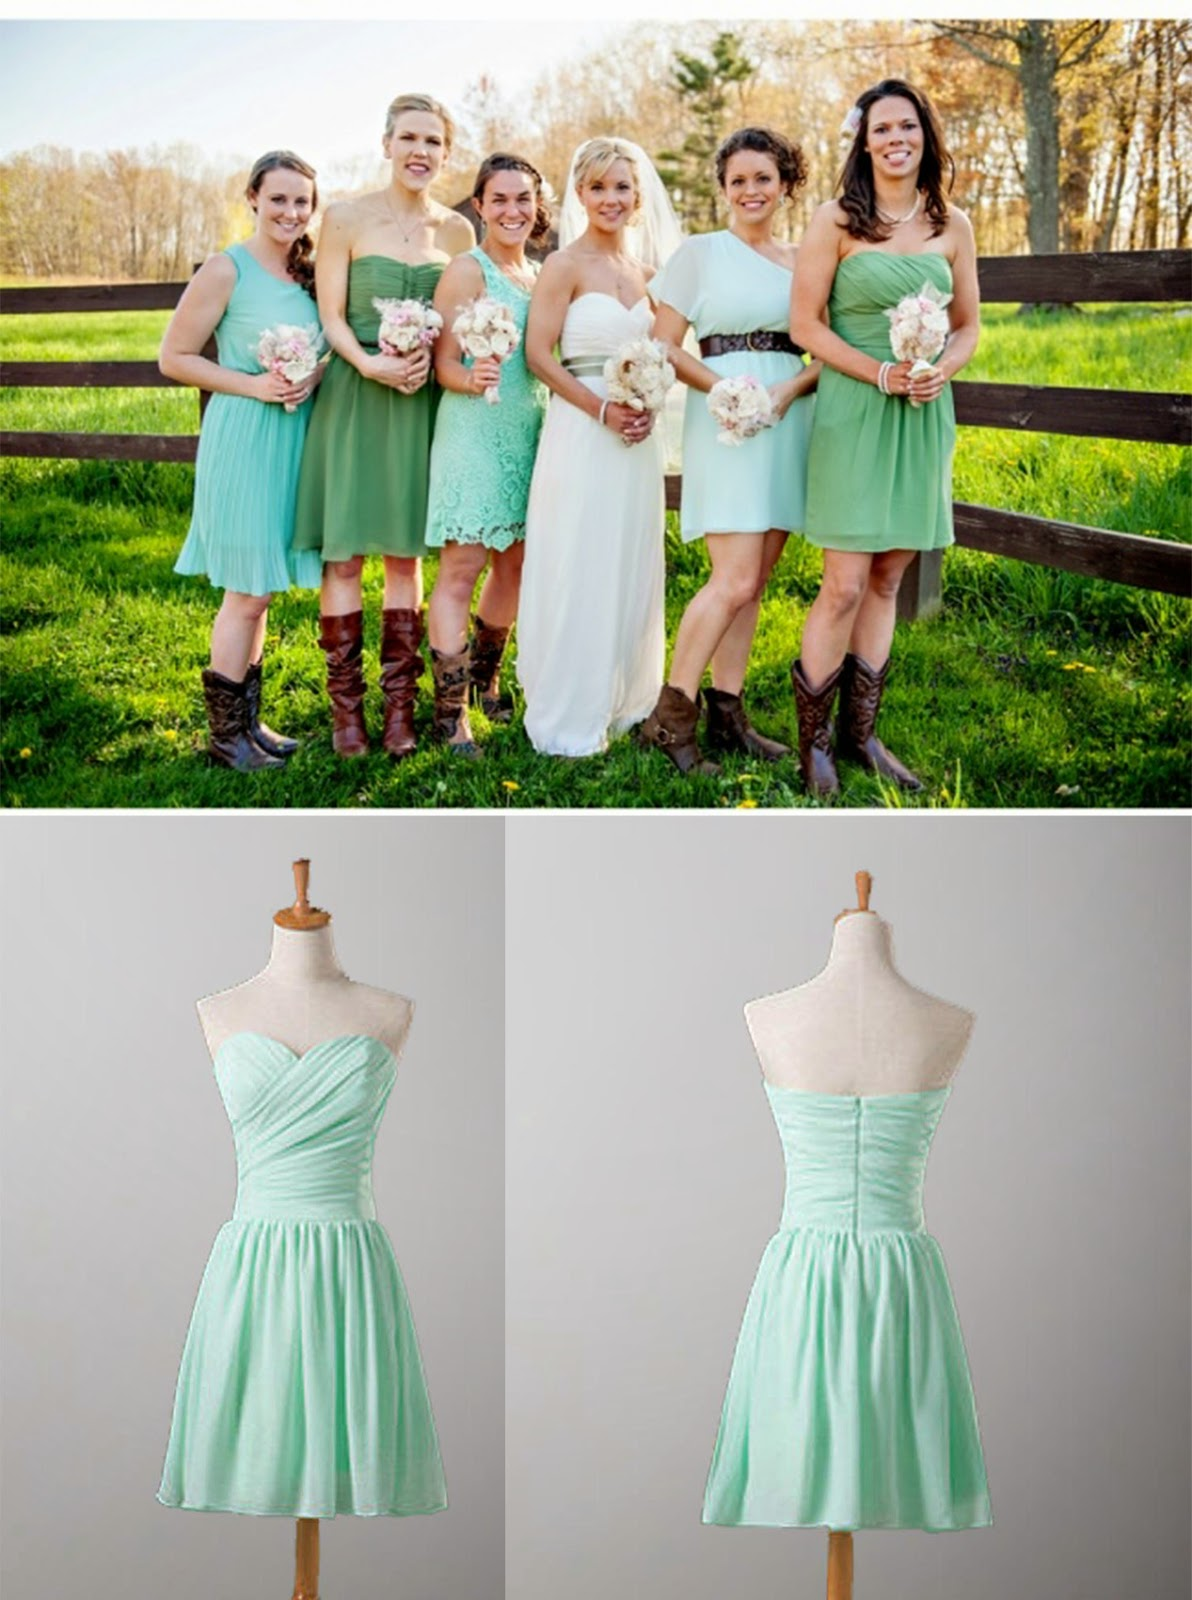 f450cee402 Light Teal Bridesmaid Dresses Uk